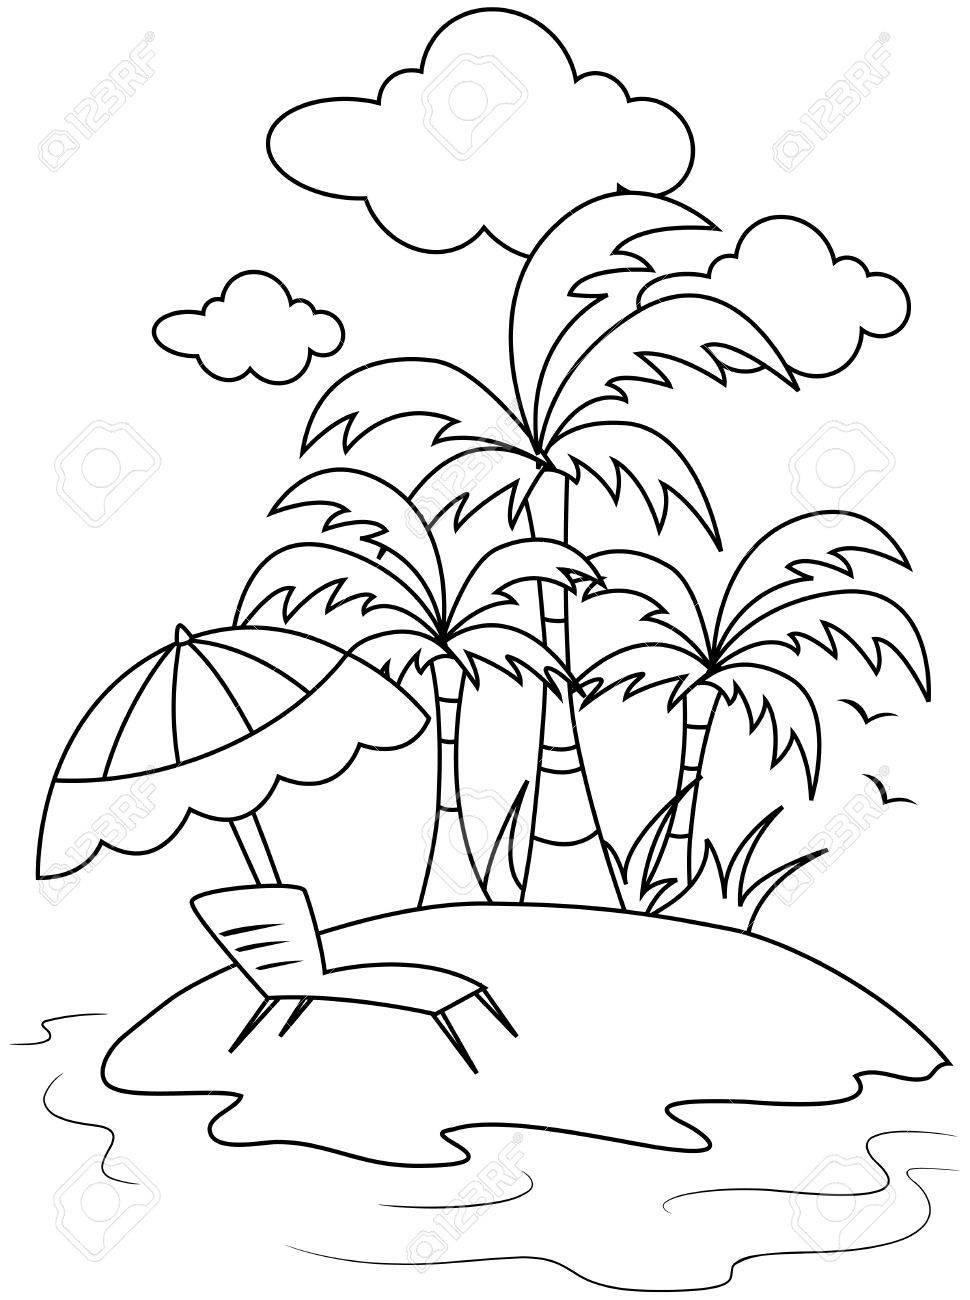 Arte De Línea Ilustración De Una Pequeña Isla Con Un Paraguas De ...